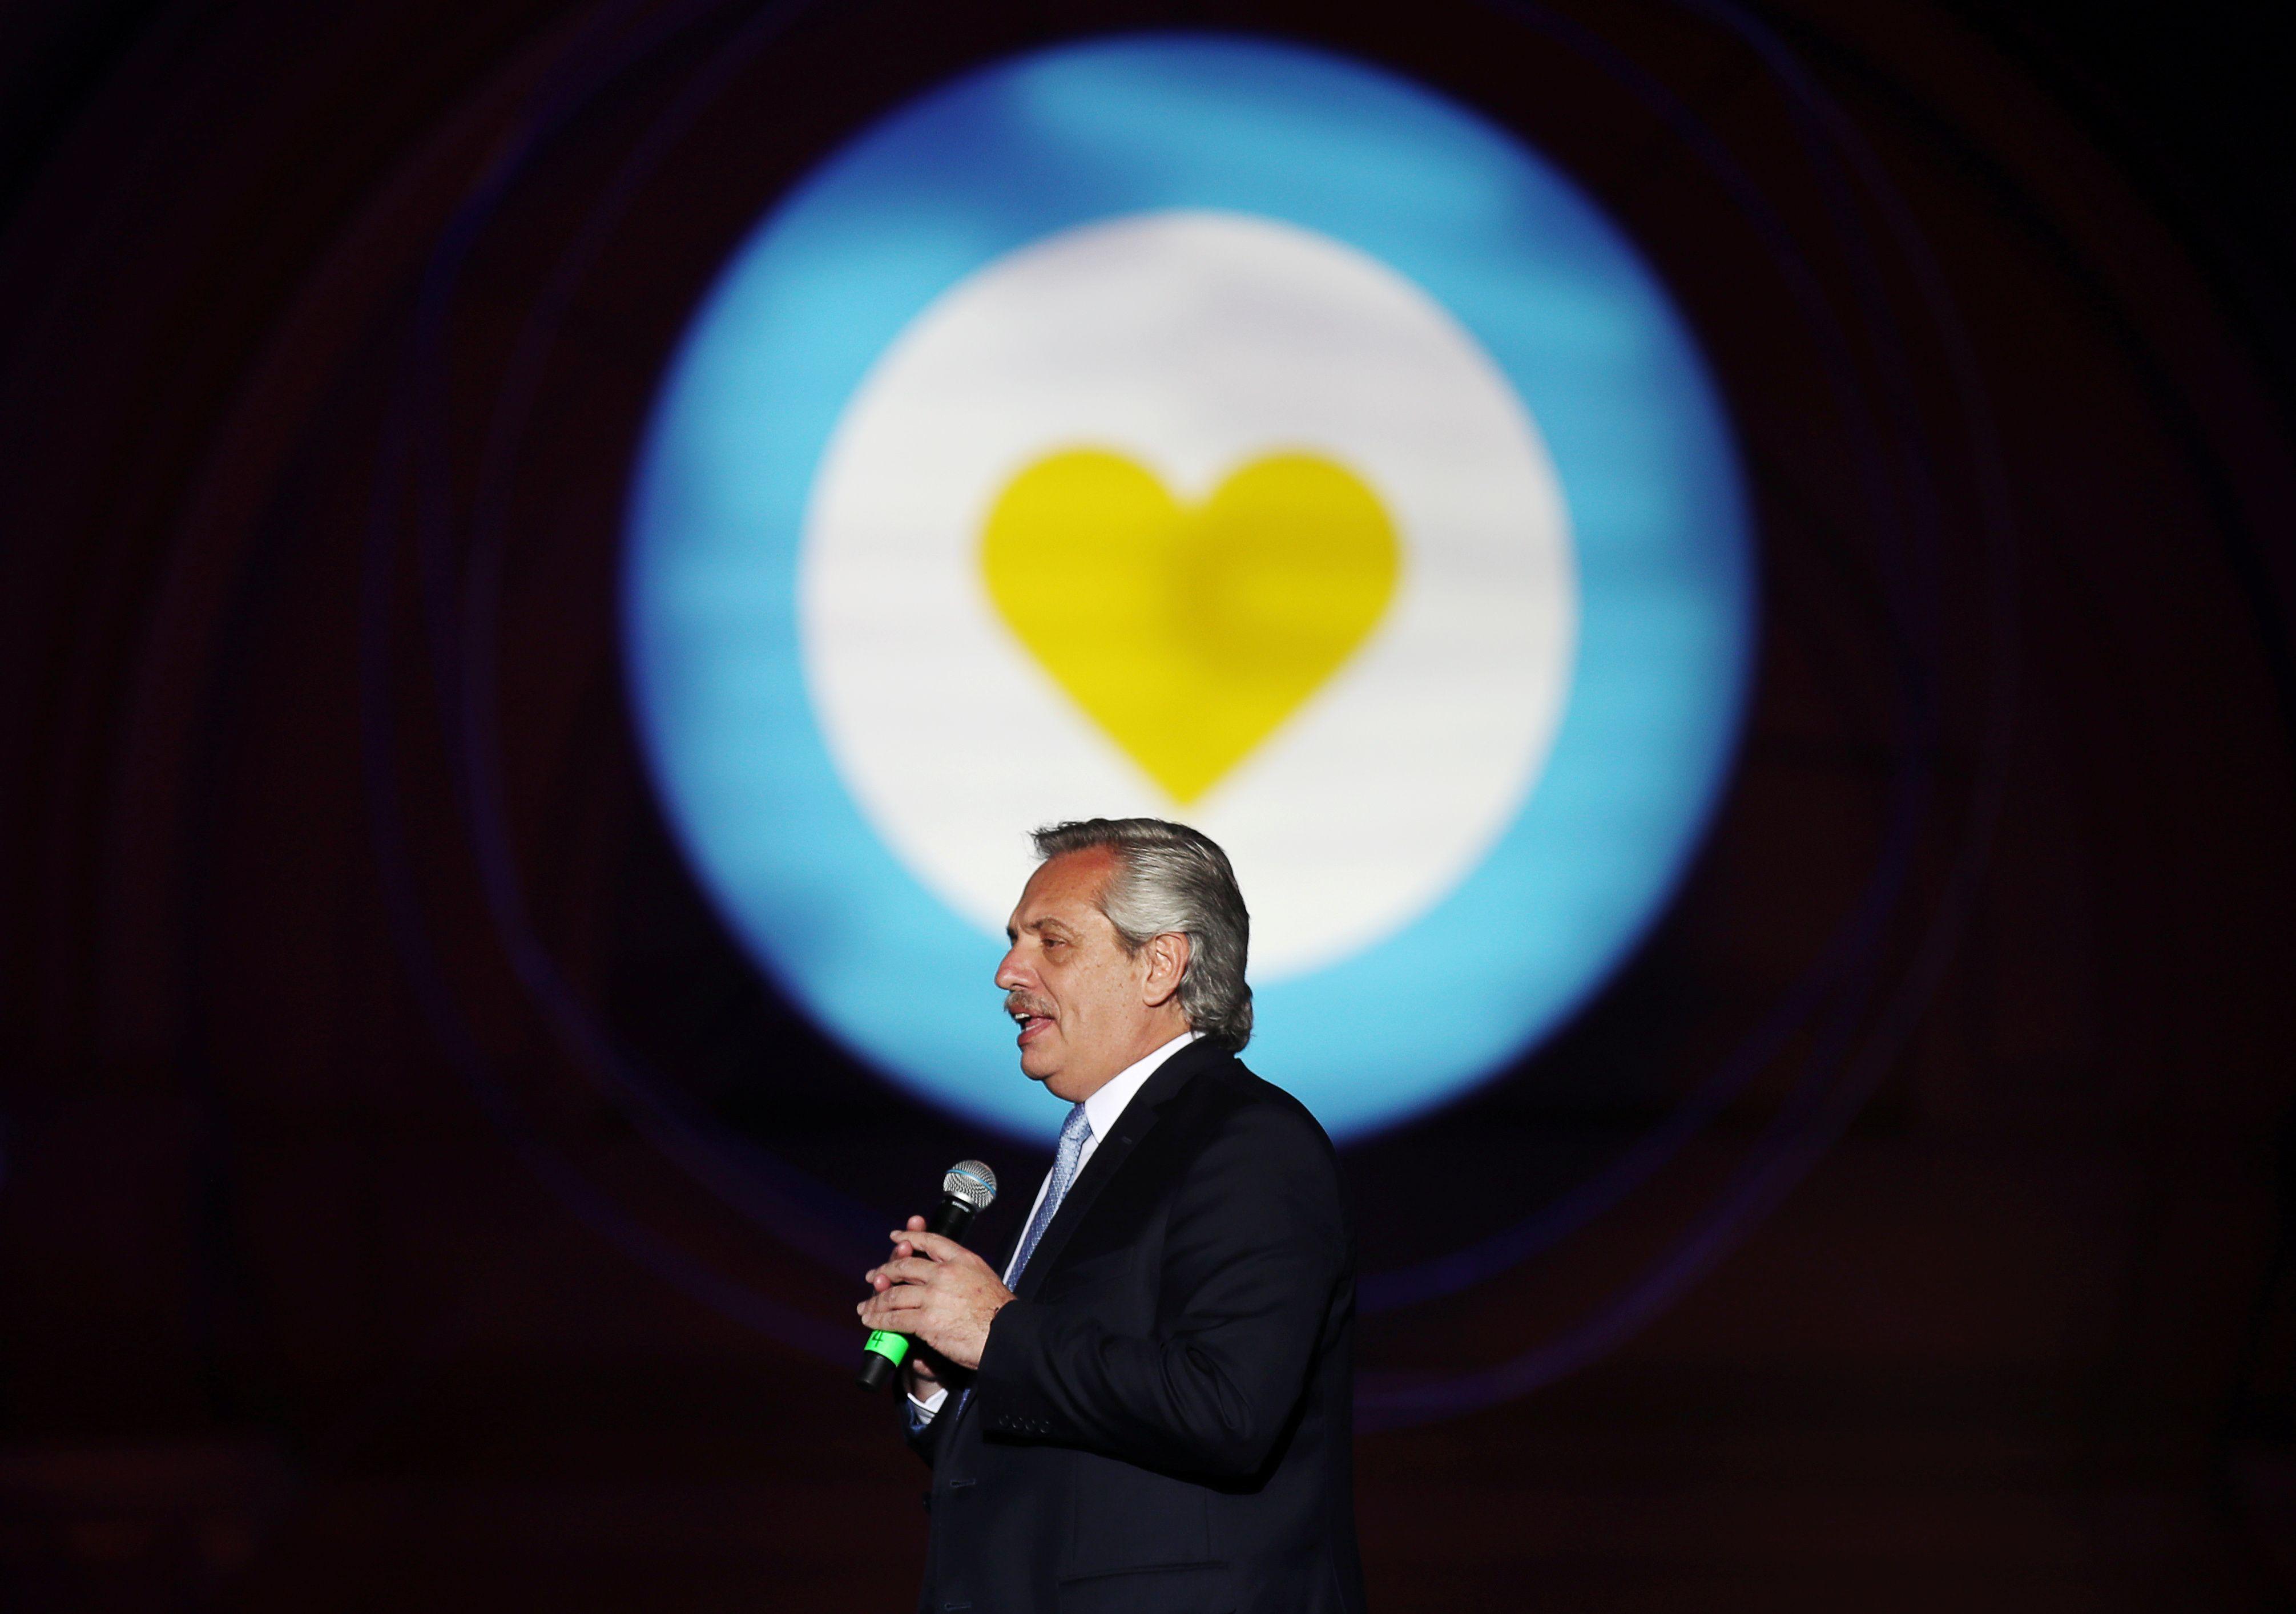 Alberto Fernández en el escenario (Foto: Reuters)